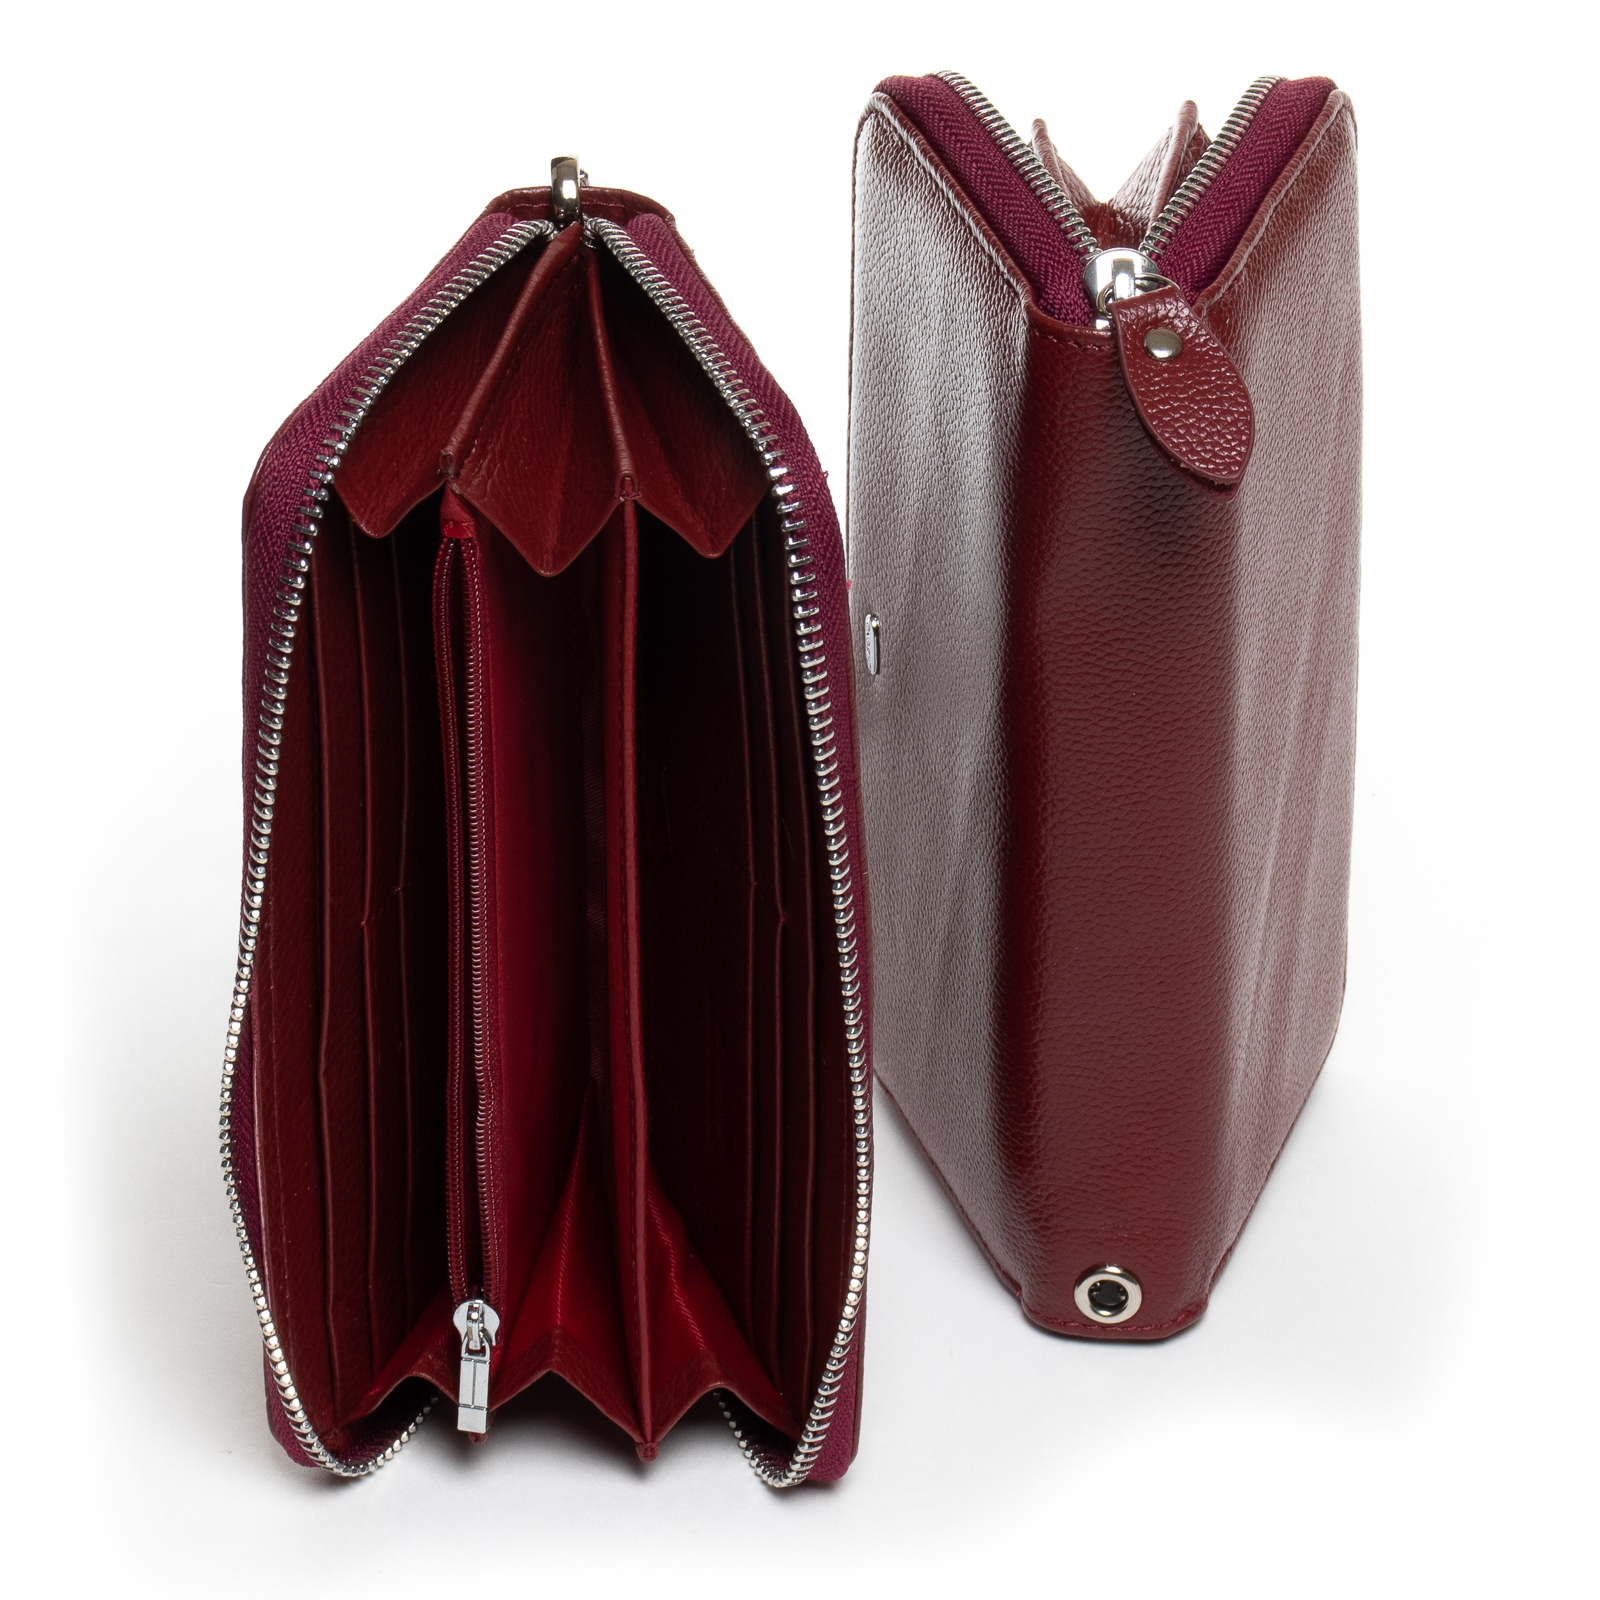 Кошелек Classic кожа DR. BOND W38 bordo - фото 4